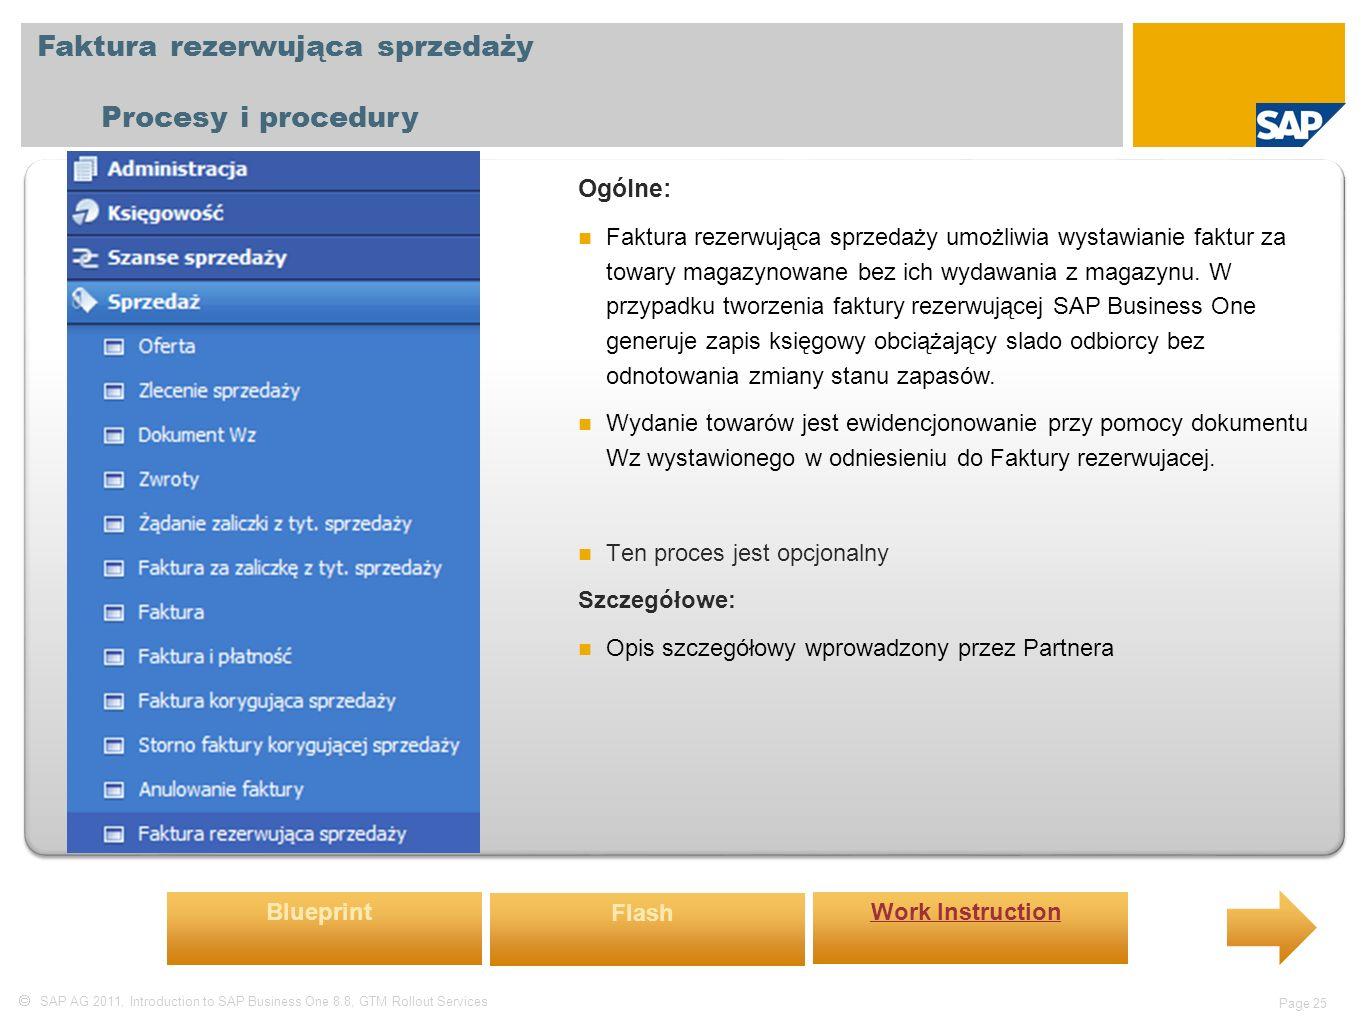  SAP AG 2011, Introduction to SAP Business One 8.8, GTM Rollout Services Page 25 Faktura rezerwująca sprzedaży Procesy i procedury Ogólne: Faktura rezerwująca sprzedaży umożliwia wystawianie faktur za towary magazynowane bez ich wydawania z magazynu.